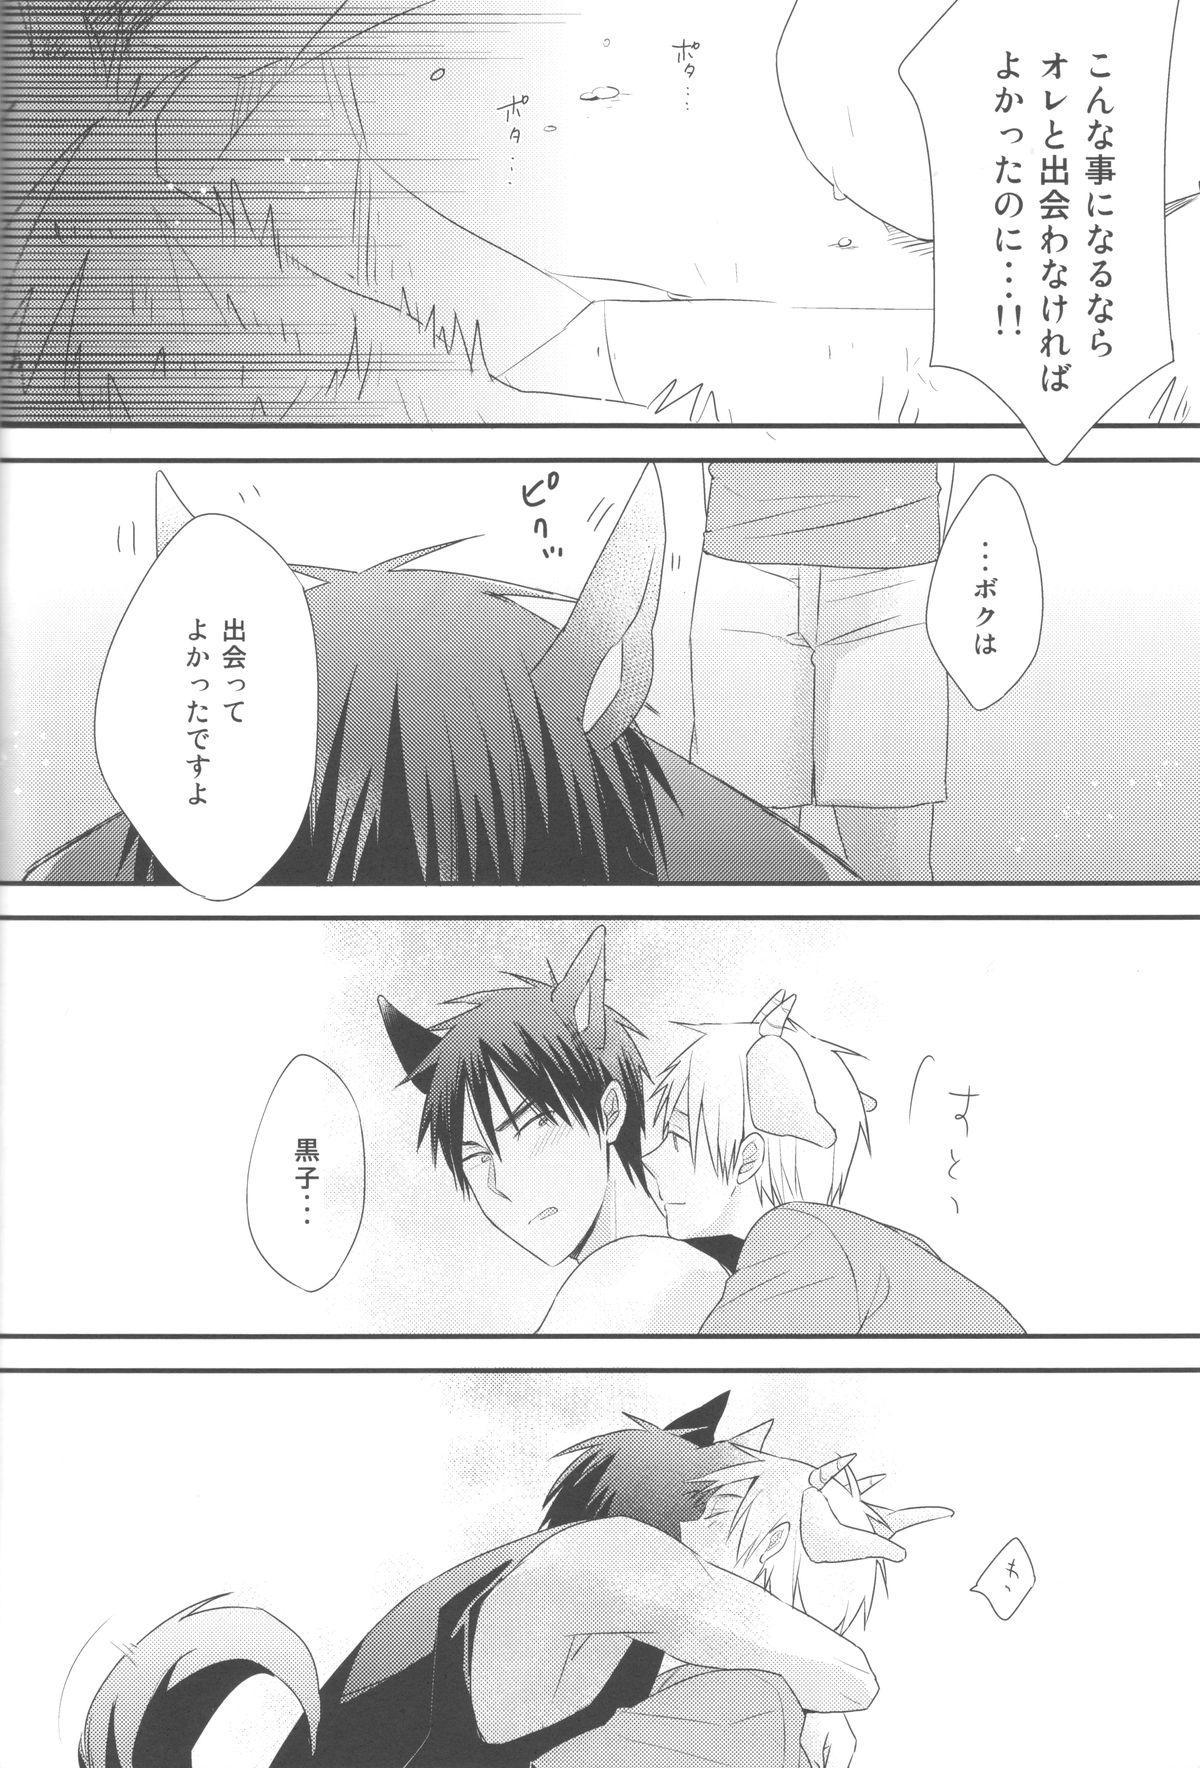 Tomodachi na noni Oishisou 8